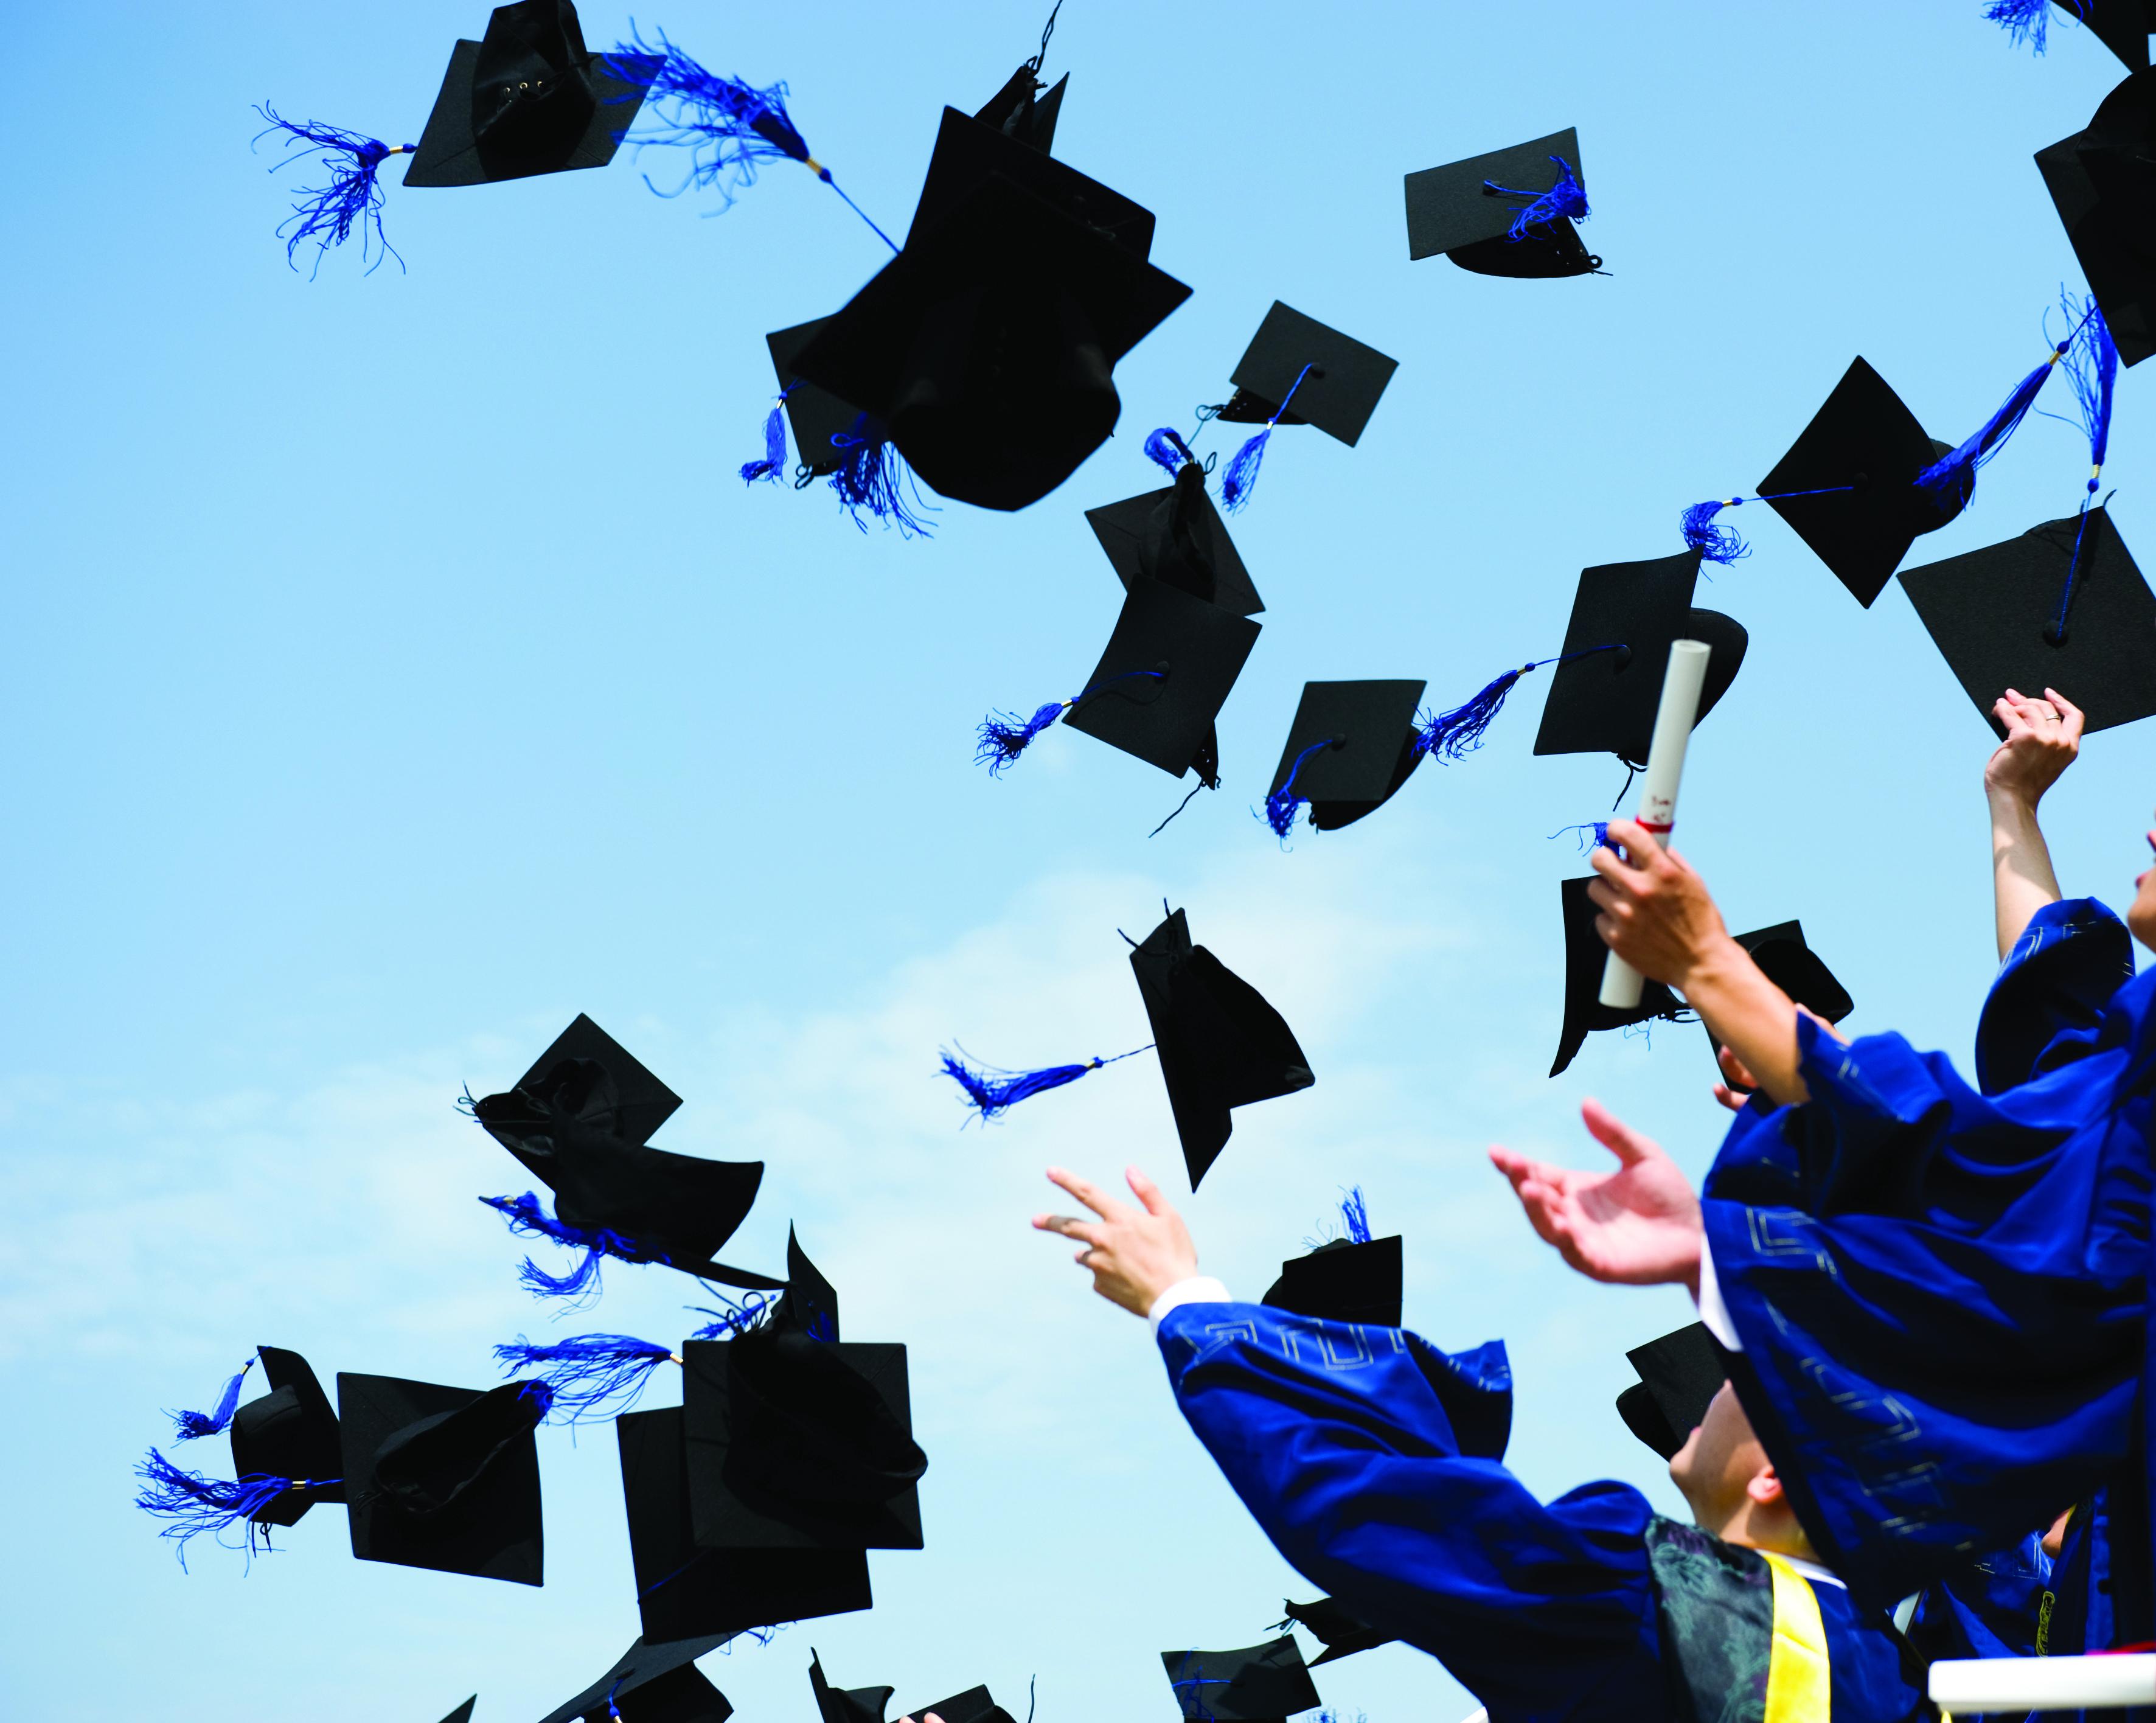 Tradiciones de graduación: Arrojar el birrete